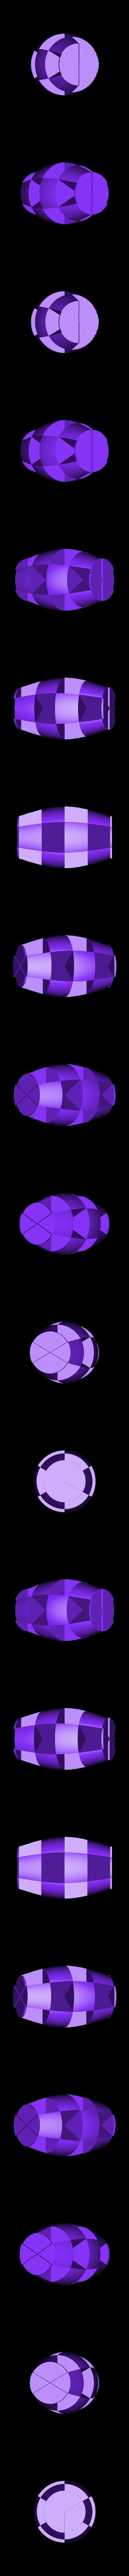 barril_extr1.stl Télécharger fichier STL gratuit Calibrage de l'extrudeuse double • Objet à imprimer en 3D, saginau